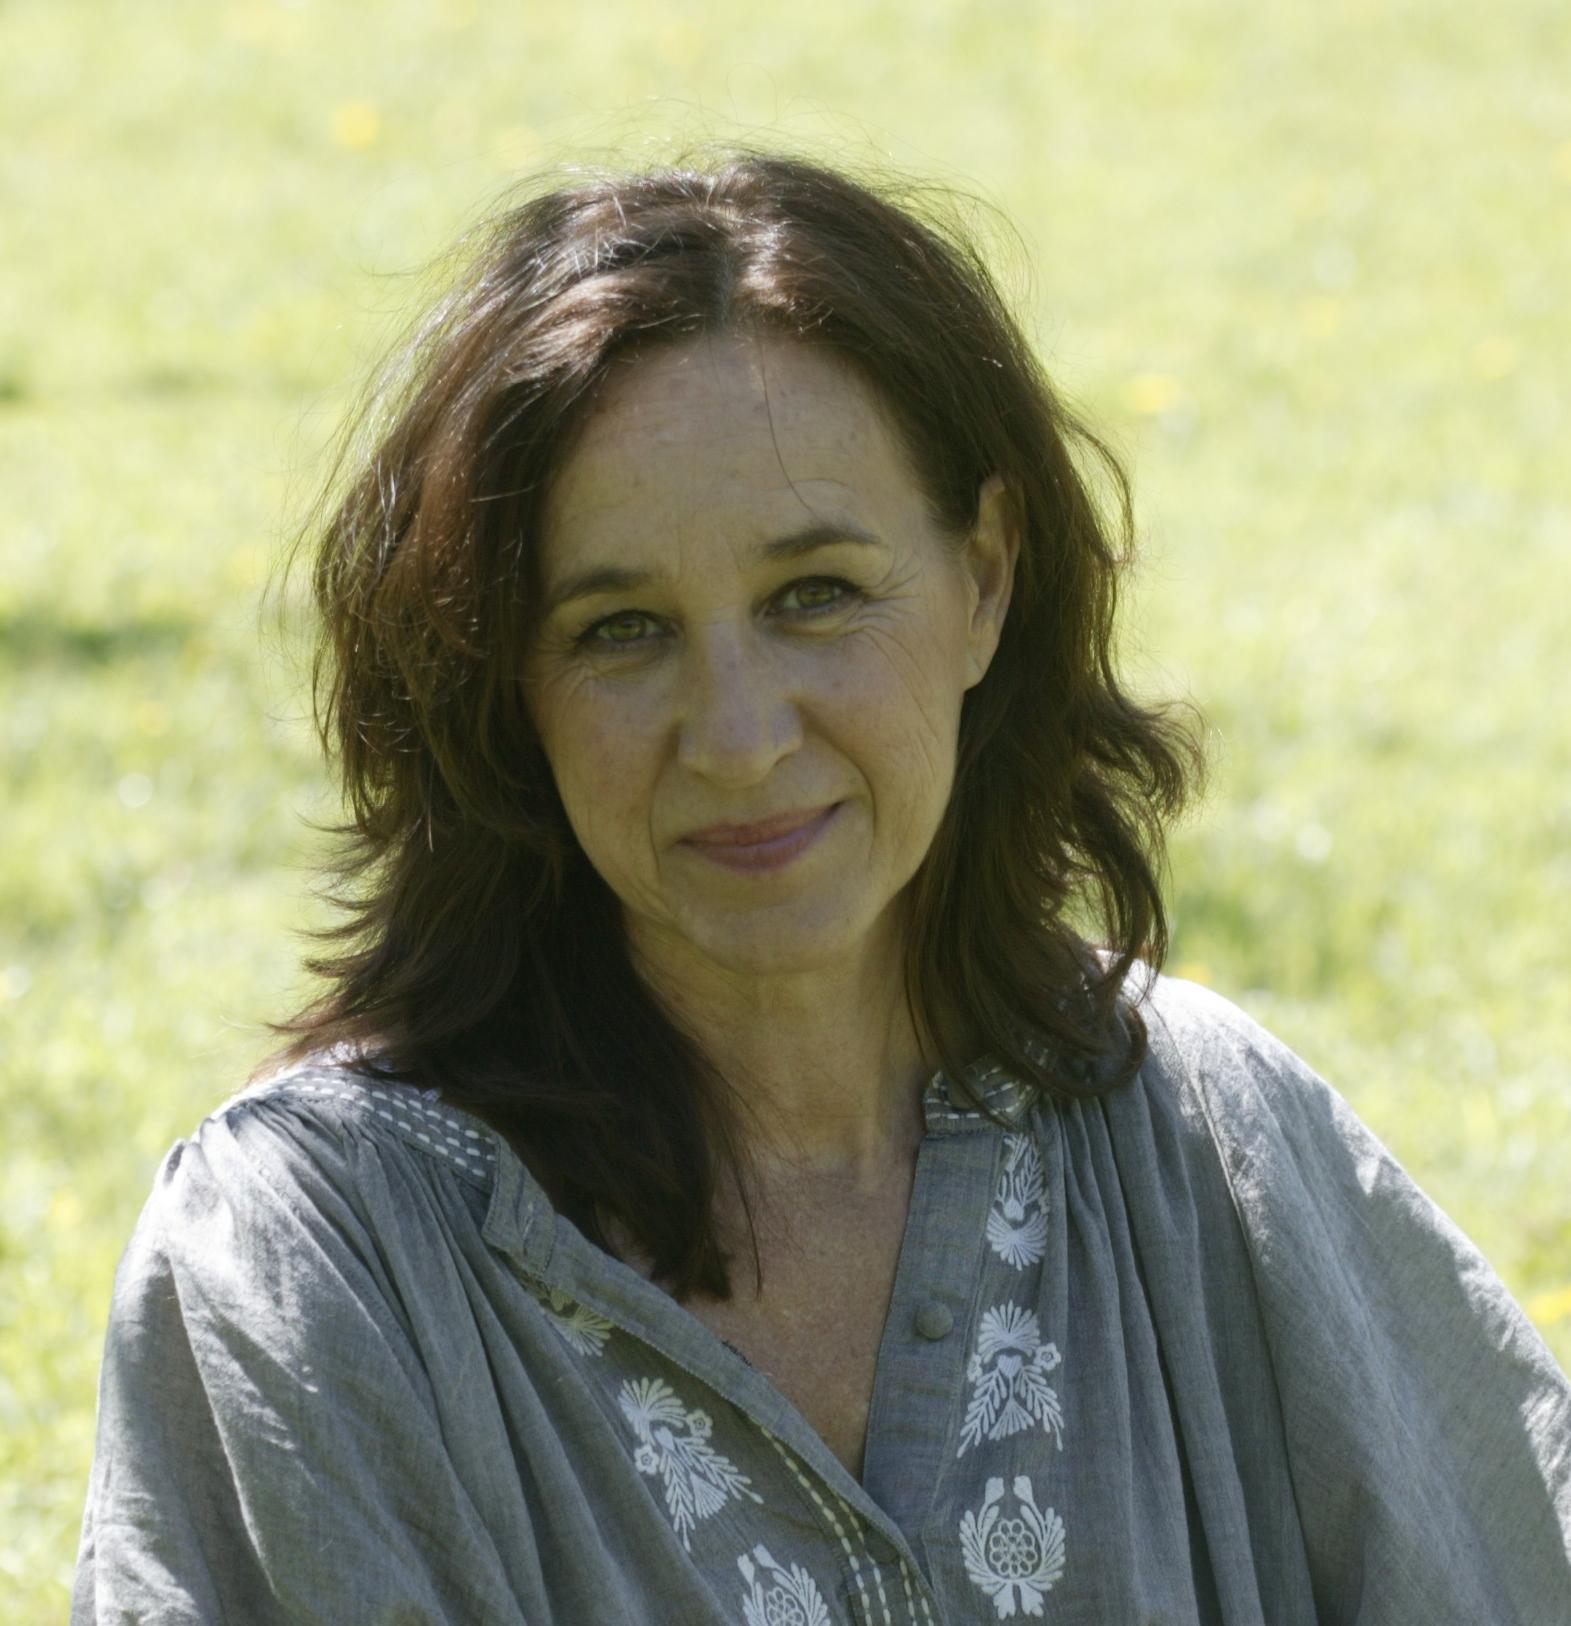 Jacqueline Rozenhart